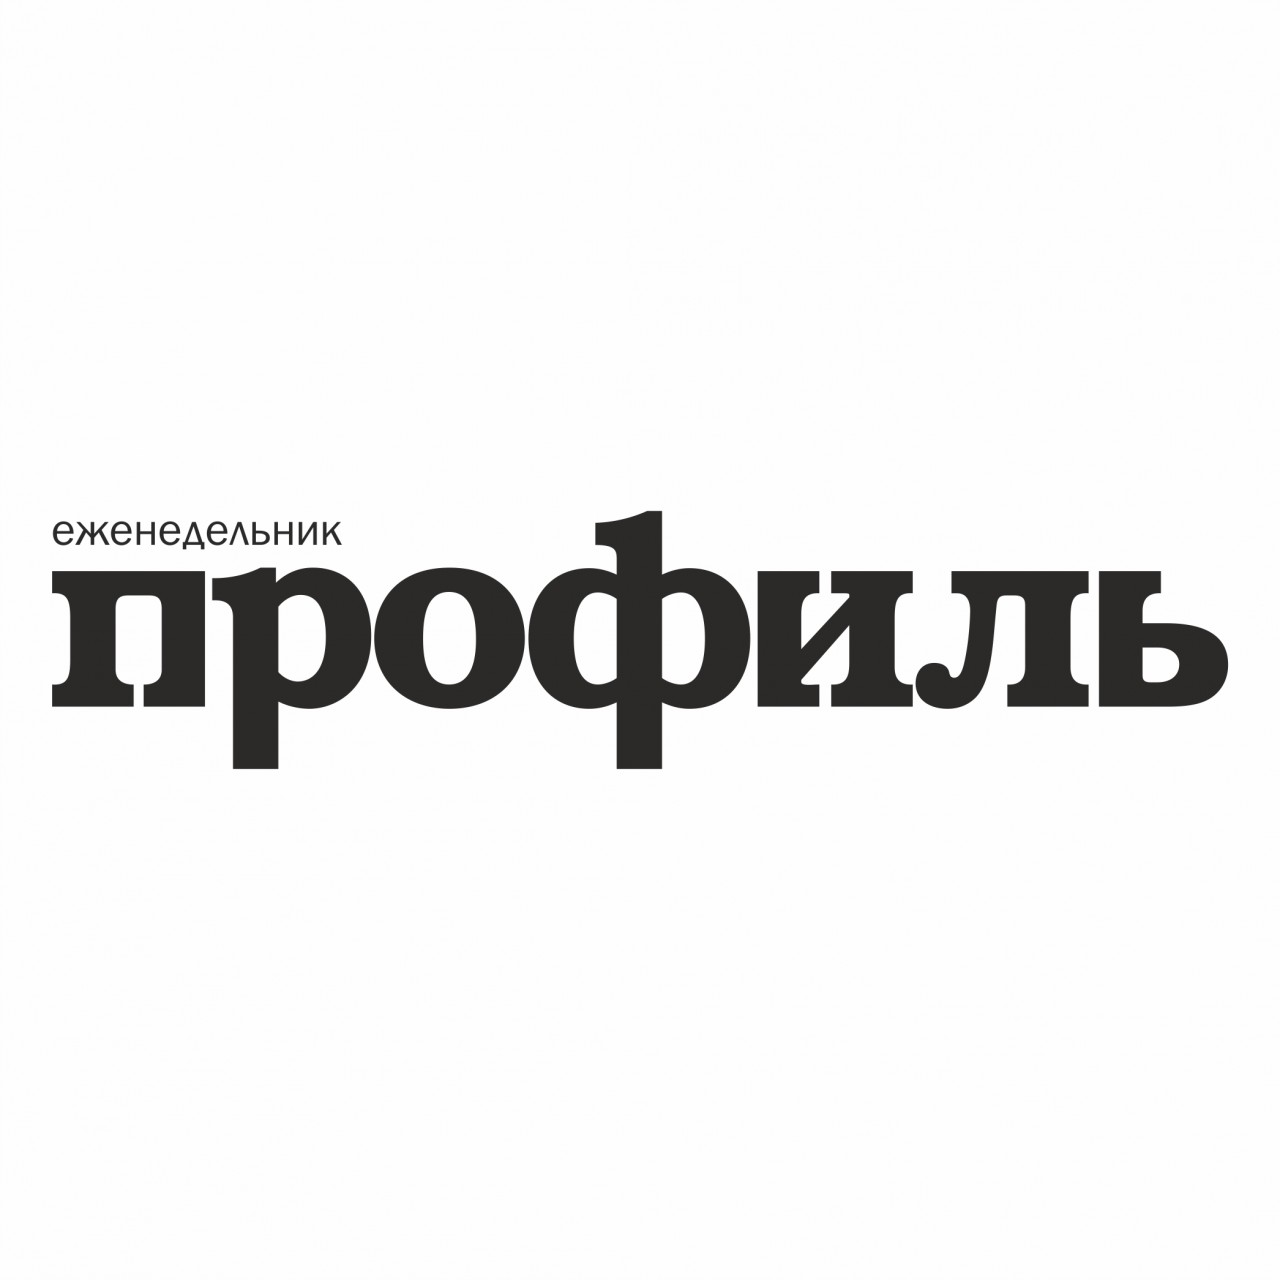 Представление о лишении неприкосновенности депутата Белоусова поступило в Госдуму